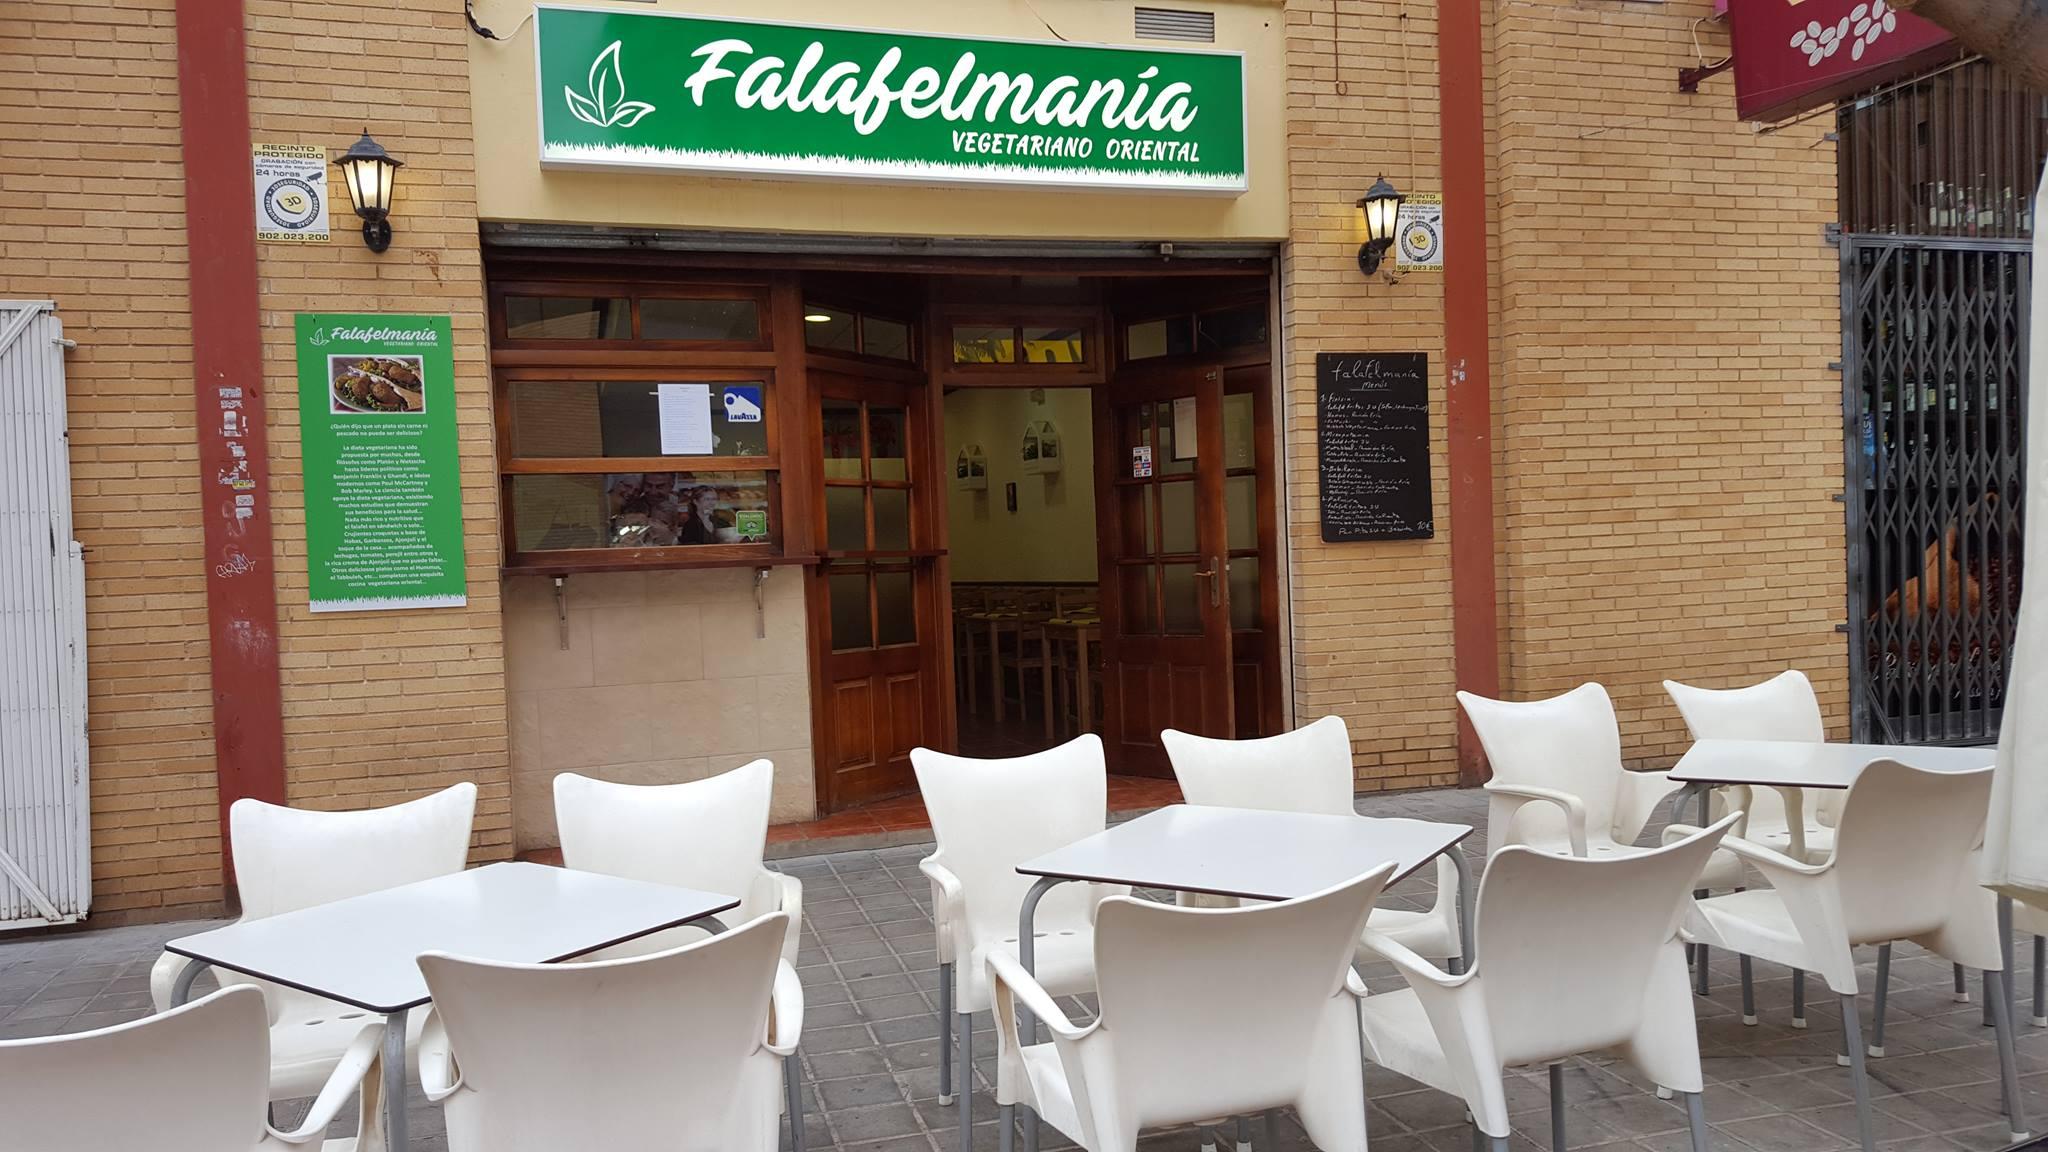 Falafelmanía - Restaurante vegetariano oriental